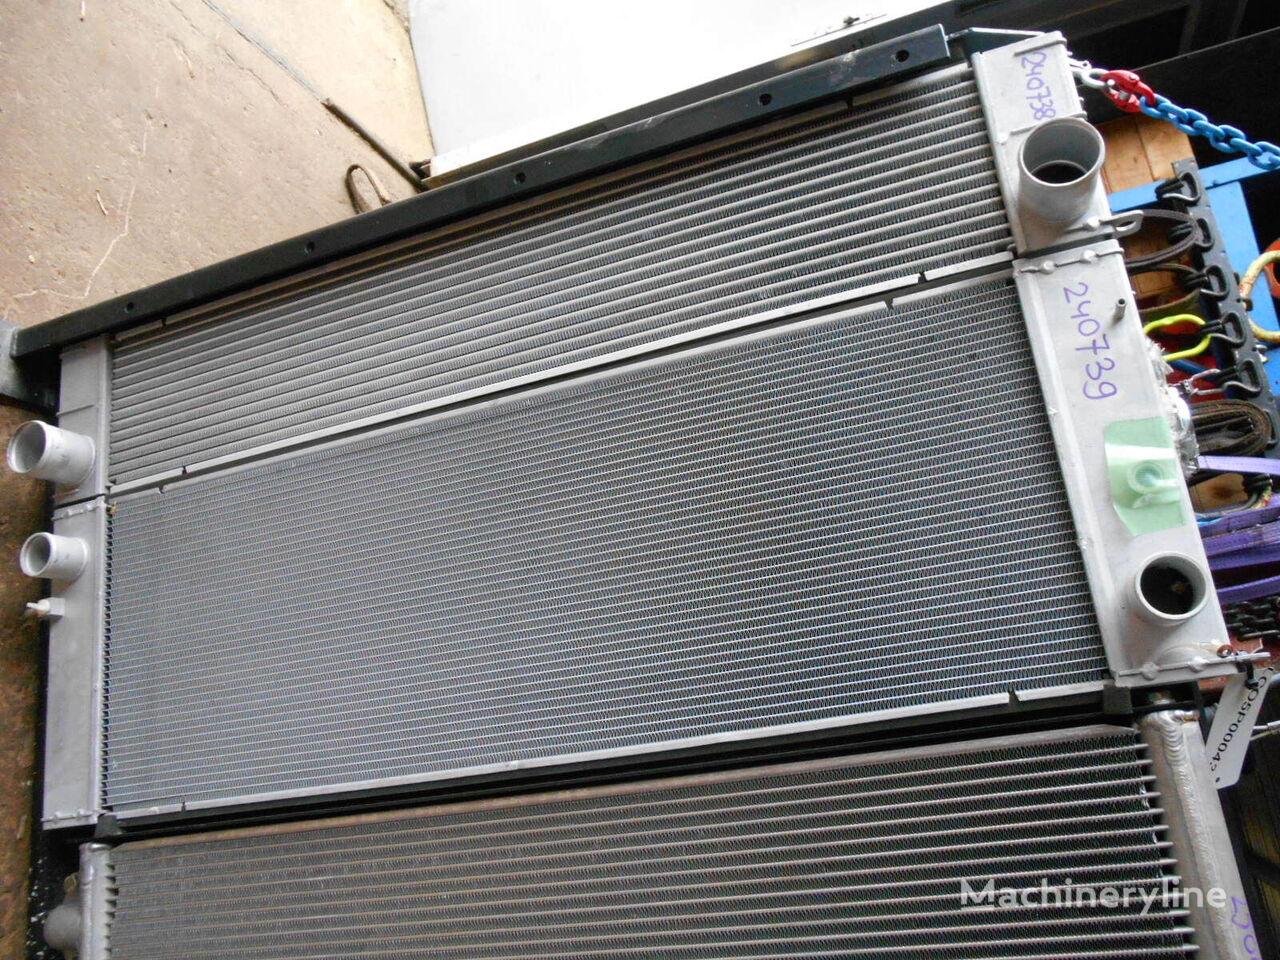 радиатор охлаждения двигателя NEW HOLLAND T.Rad 1451-112-8011 для экскаватора NEW HOLLAND Kobelco E385B